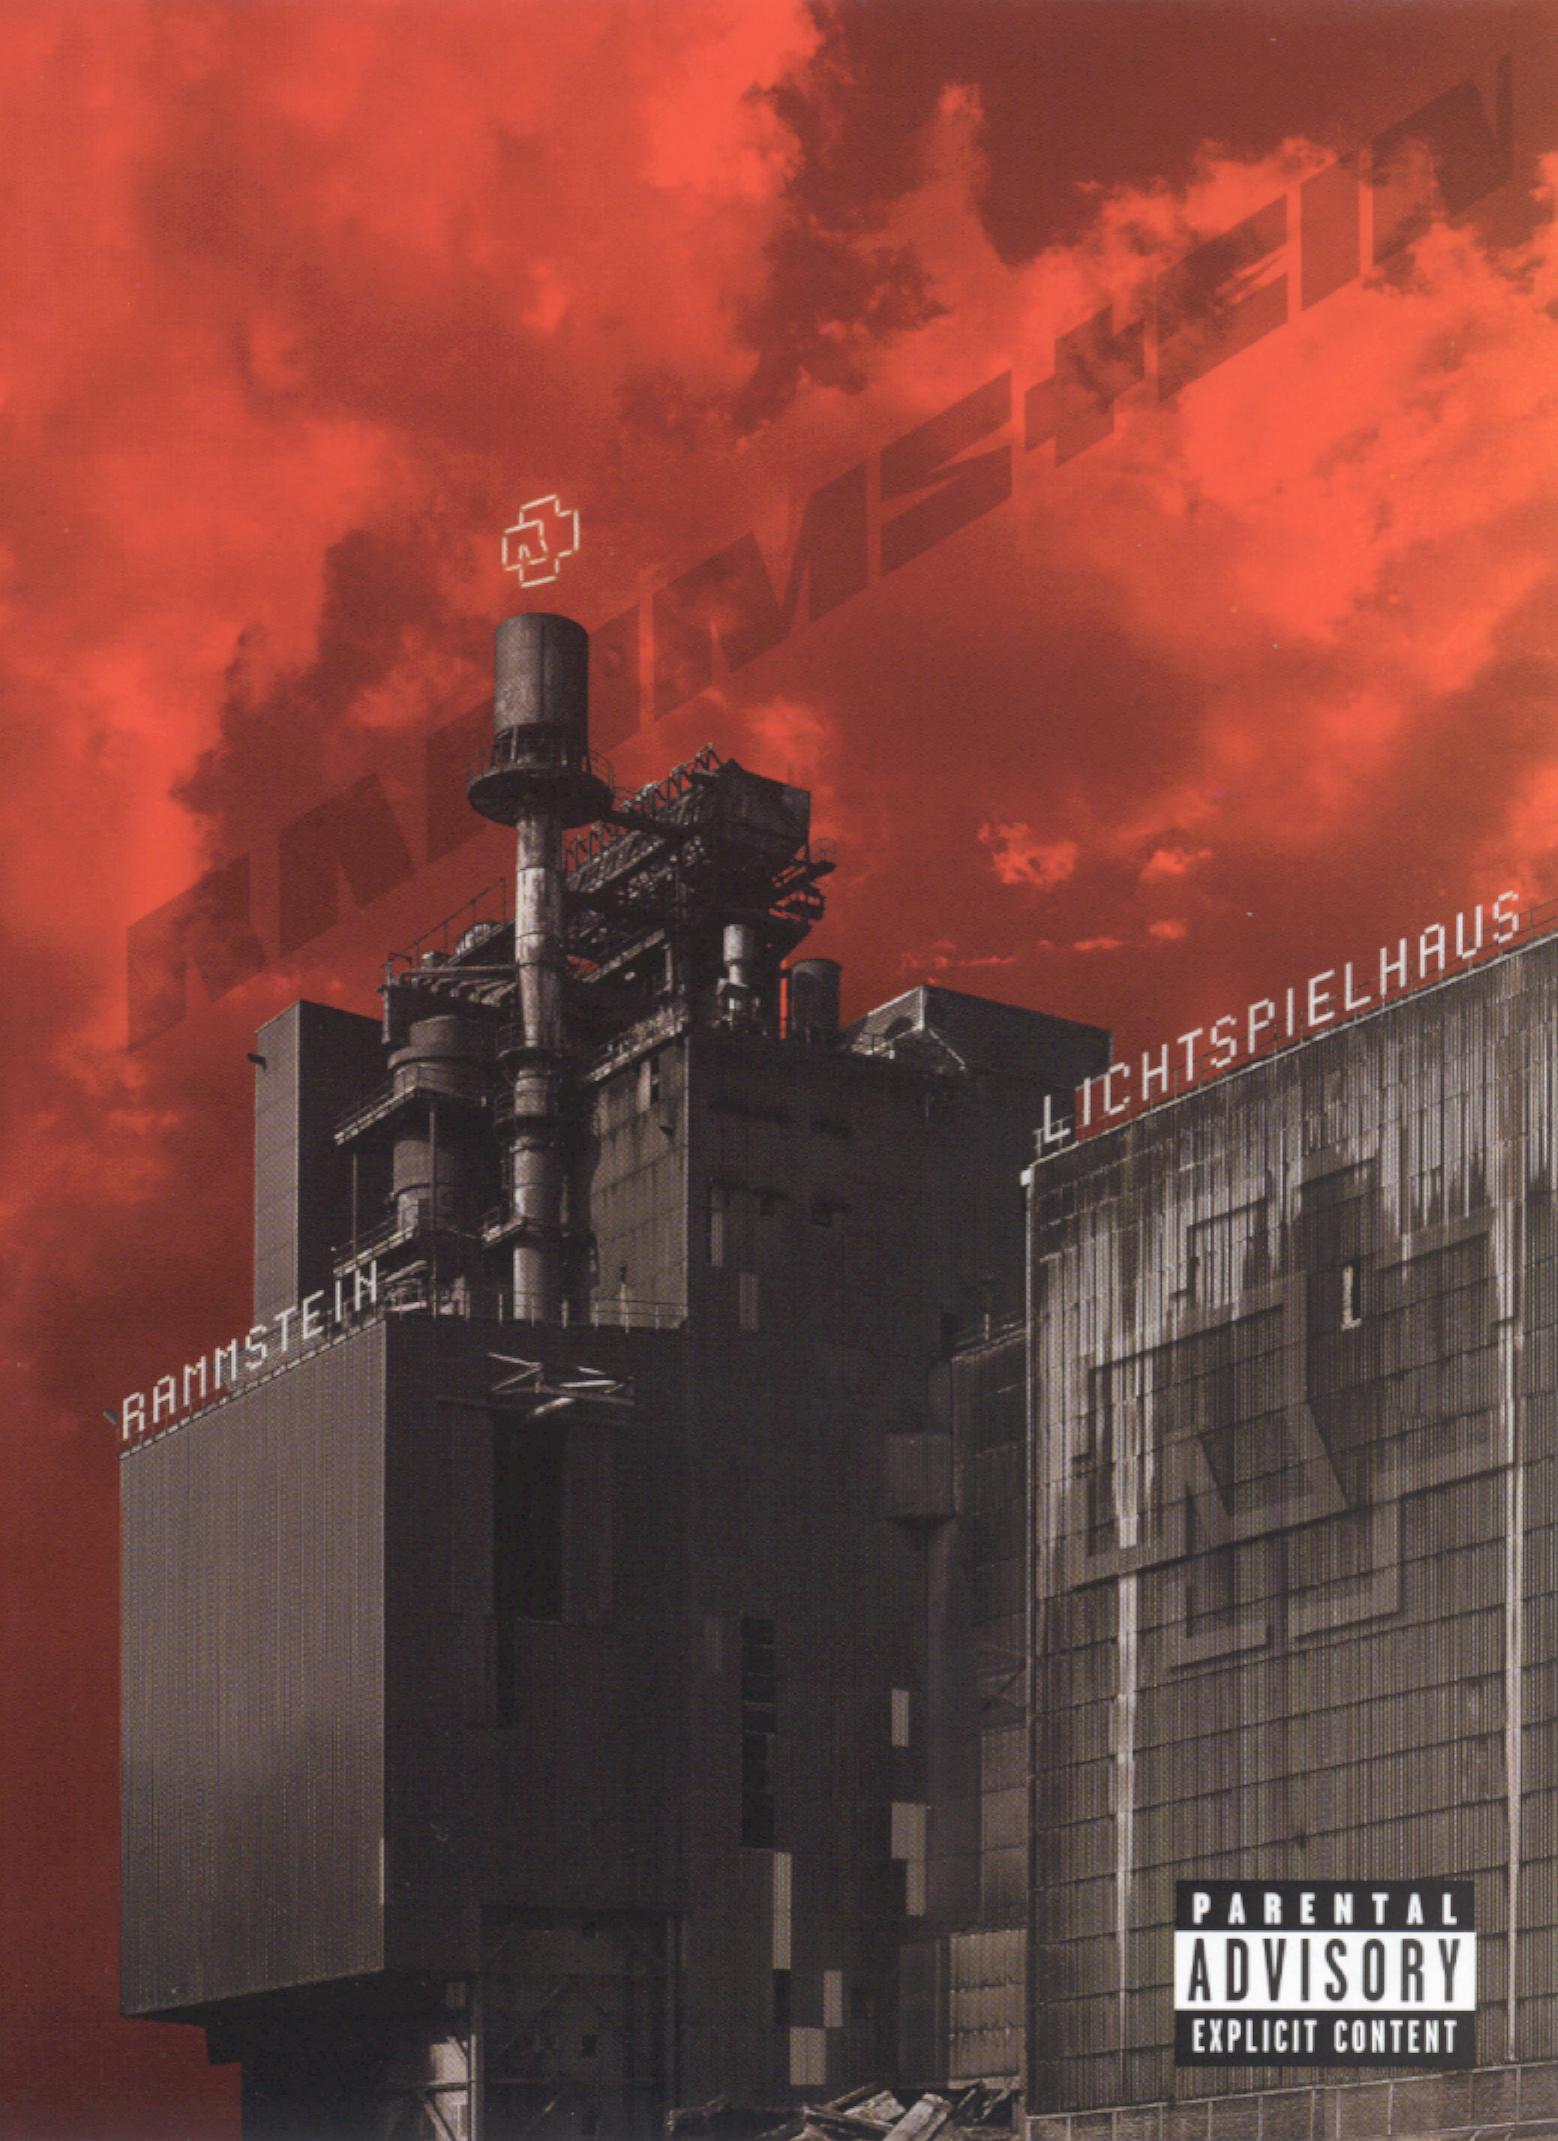 Rammstein: Lichtspielhaus